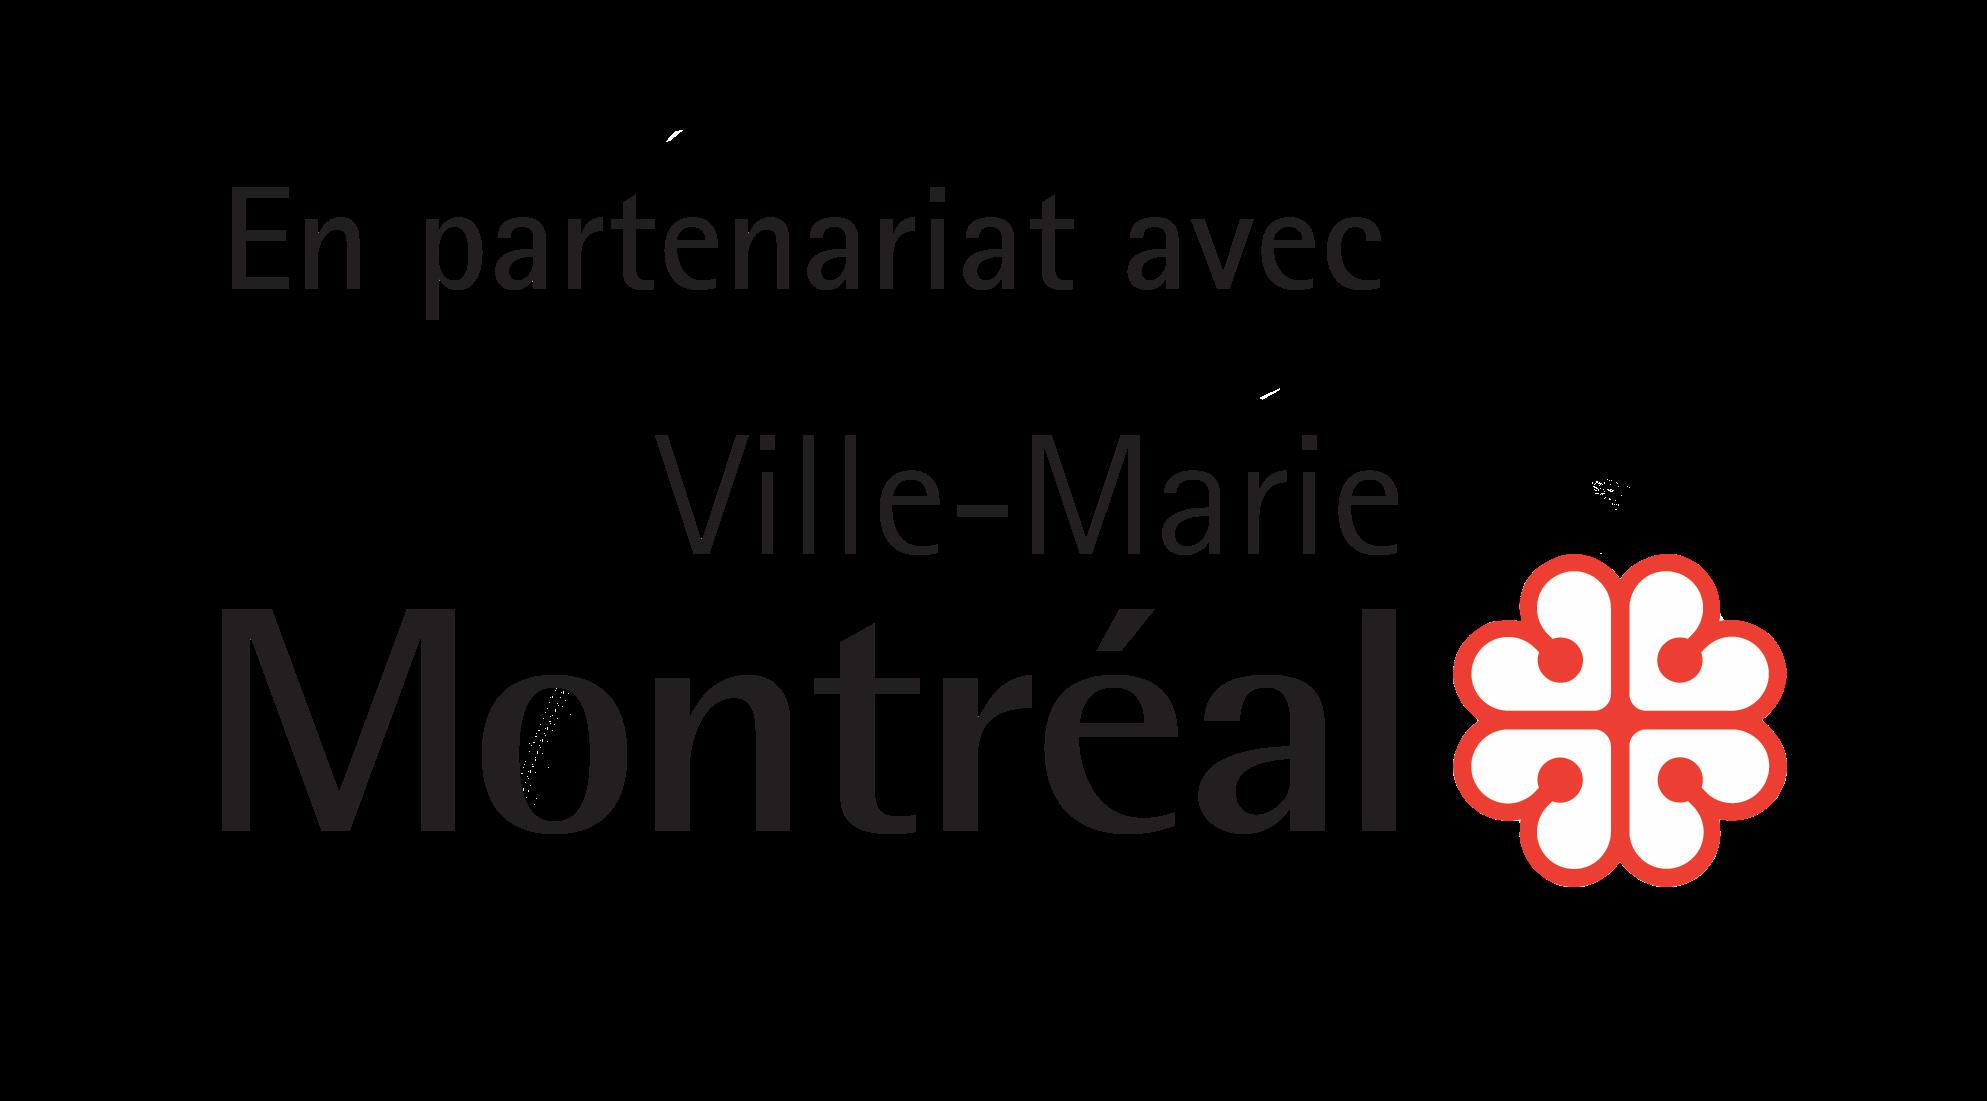 """Partenariat_avec_Ville-Marie_Montreal_PNG"""""""""""